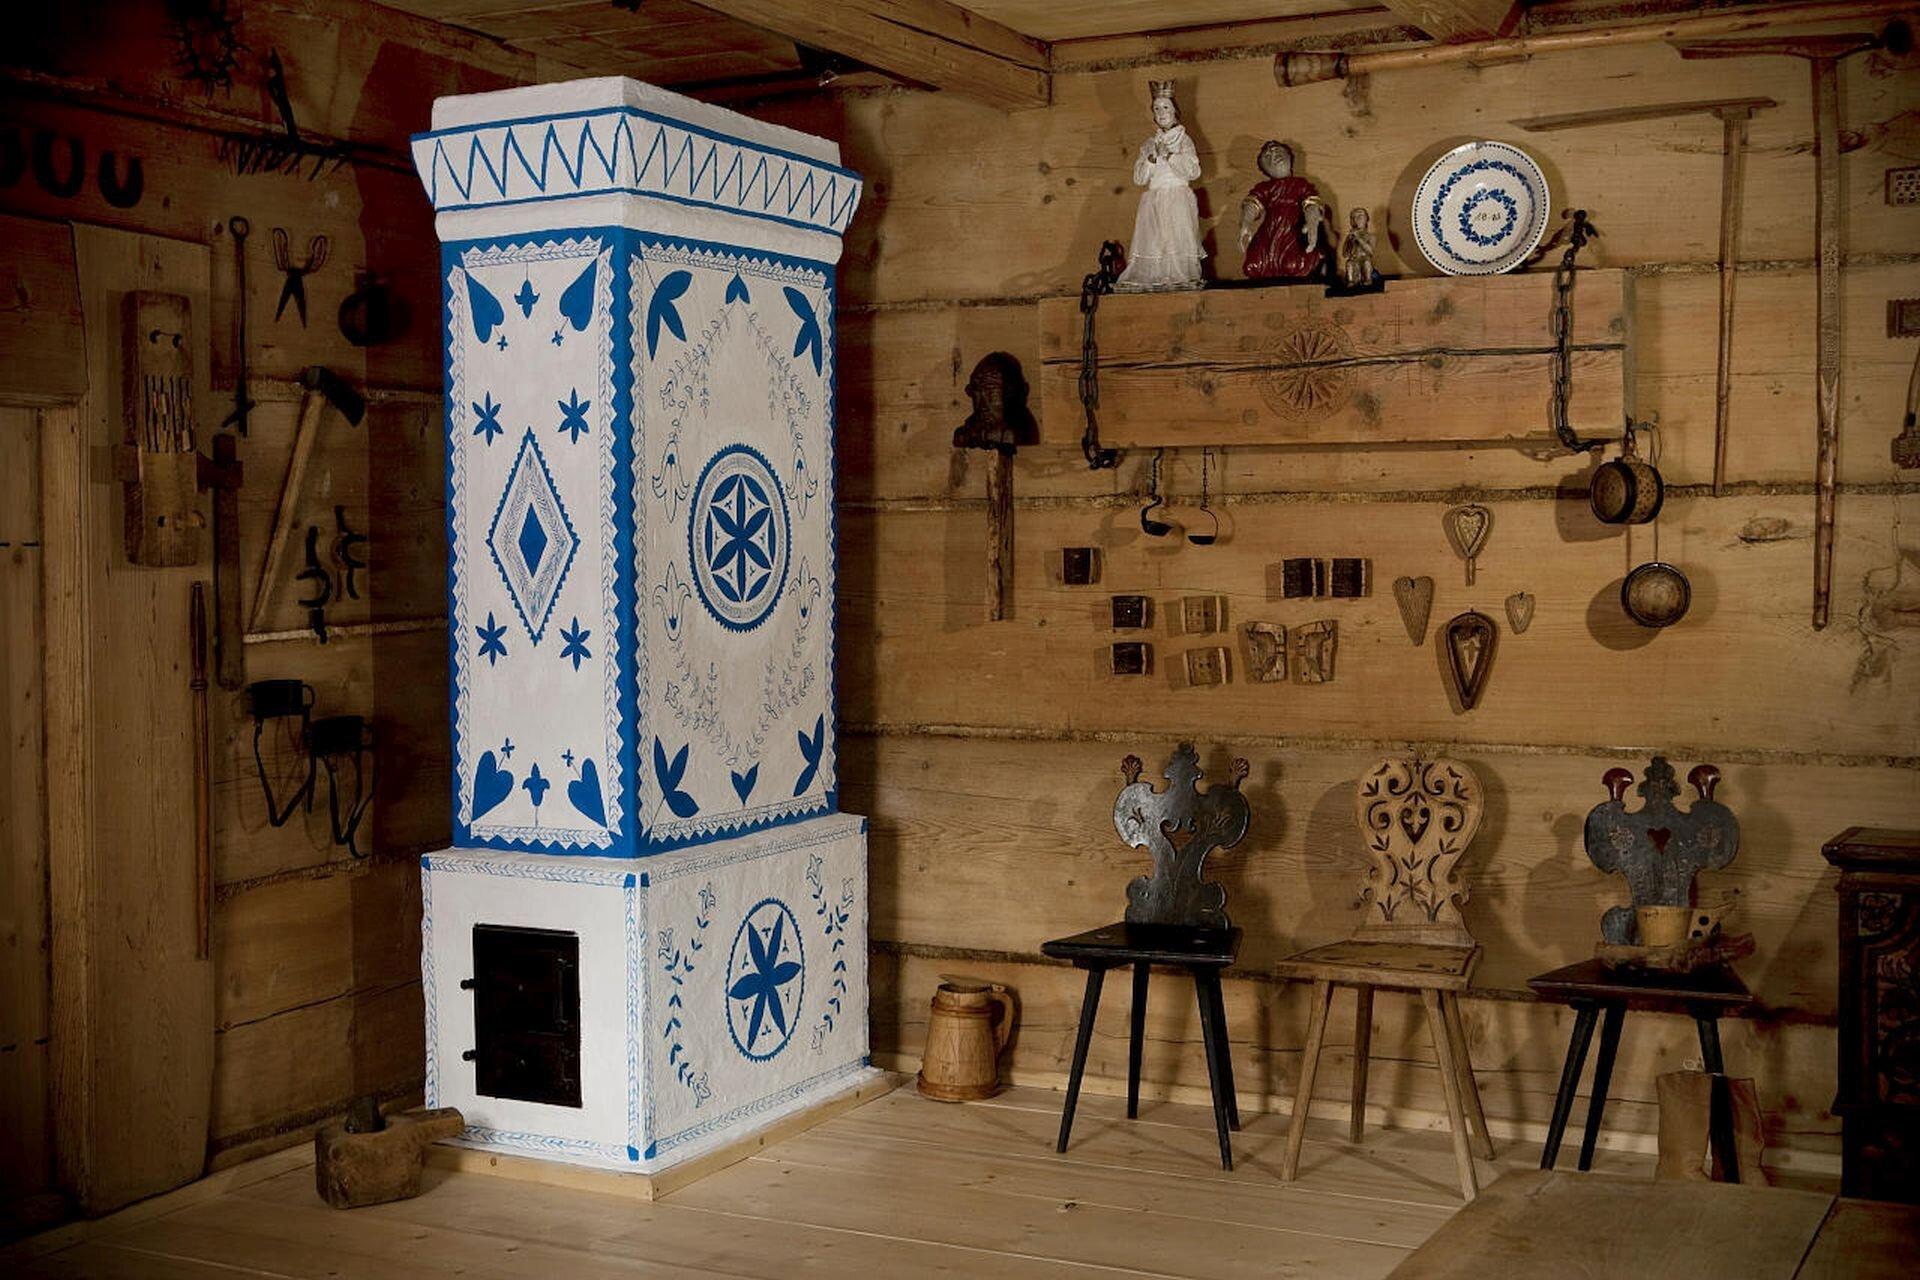 Ilustracja przedstawia wnętrze muzeum zakopiańskiego. Jest to drewniane pomieszczenie gdzie wrogu stoi biały, wniebieskie wzory piec kaflowy. Na ścianach wiszą różne przedmioty domowego użytku iozdoby. Na podłodze pod ścianą stoją trzy krzesła ze zdobionymi oparciami. Obok pieca stoi drewniane naczynie na wodę.